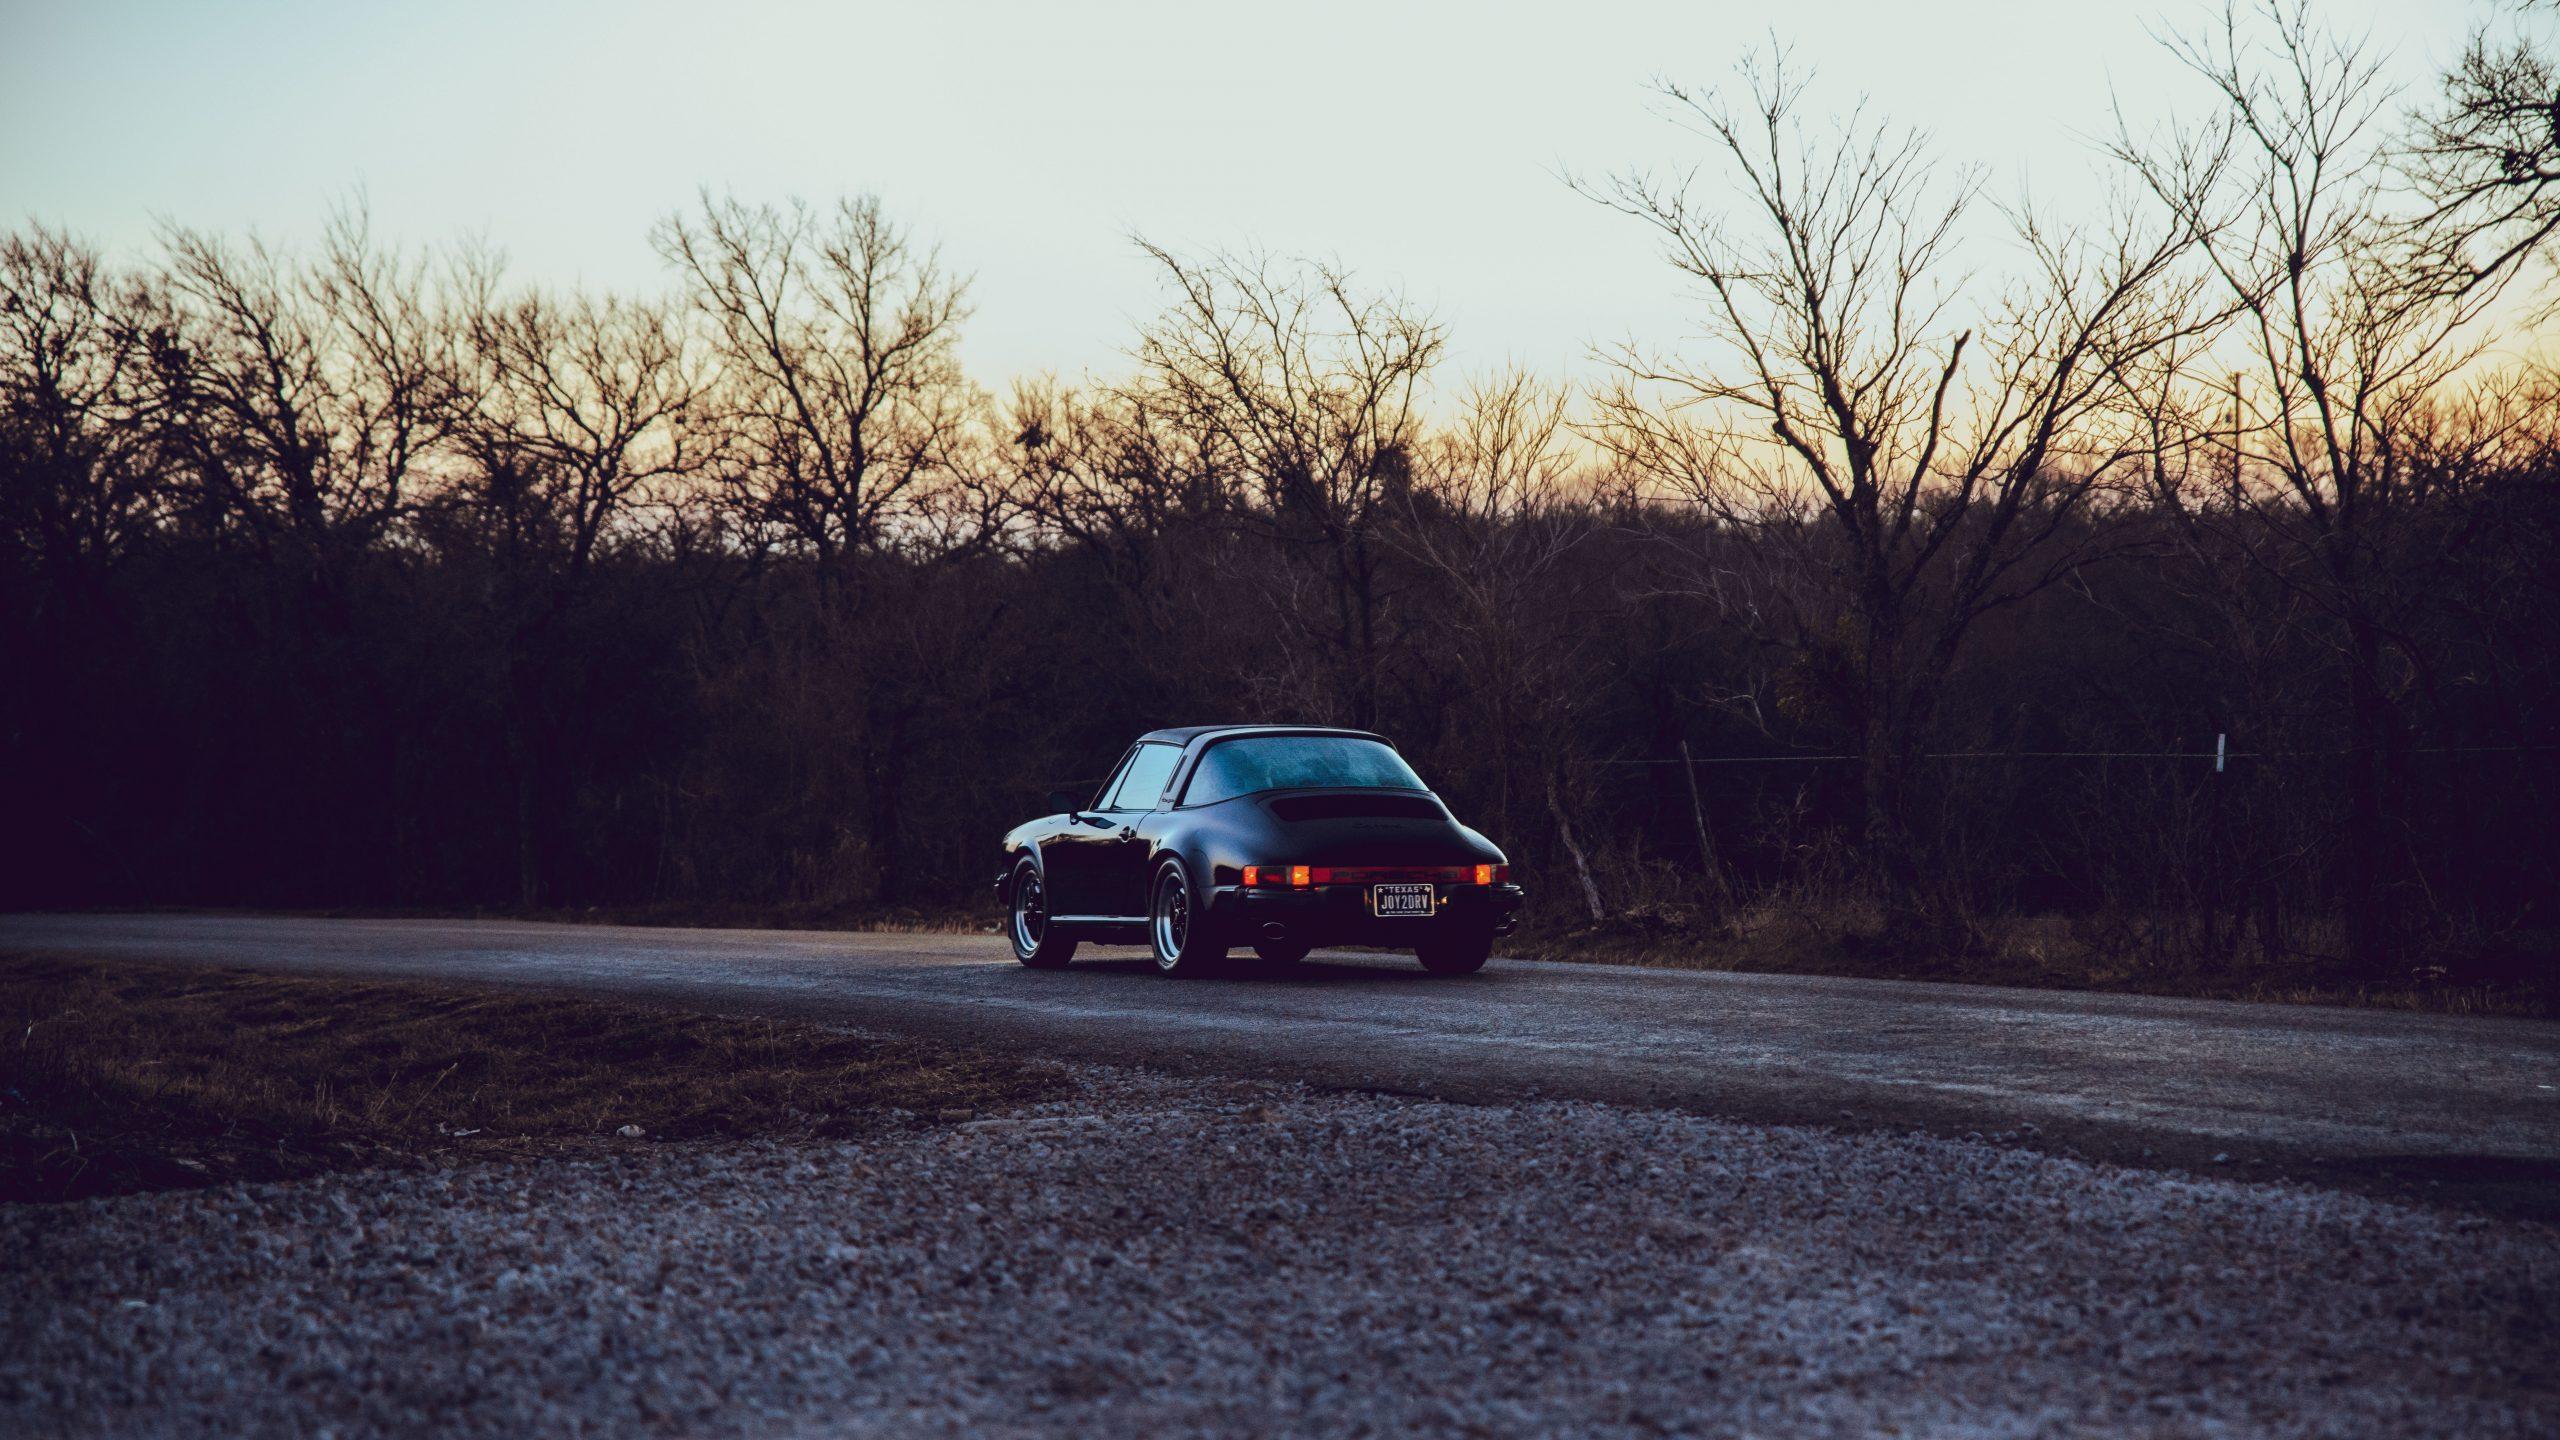 Johnnie Yellock's 1984 Porsche 911